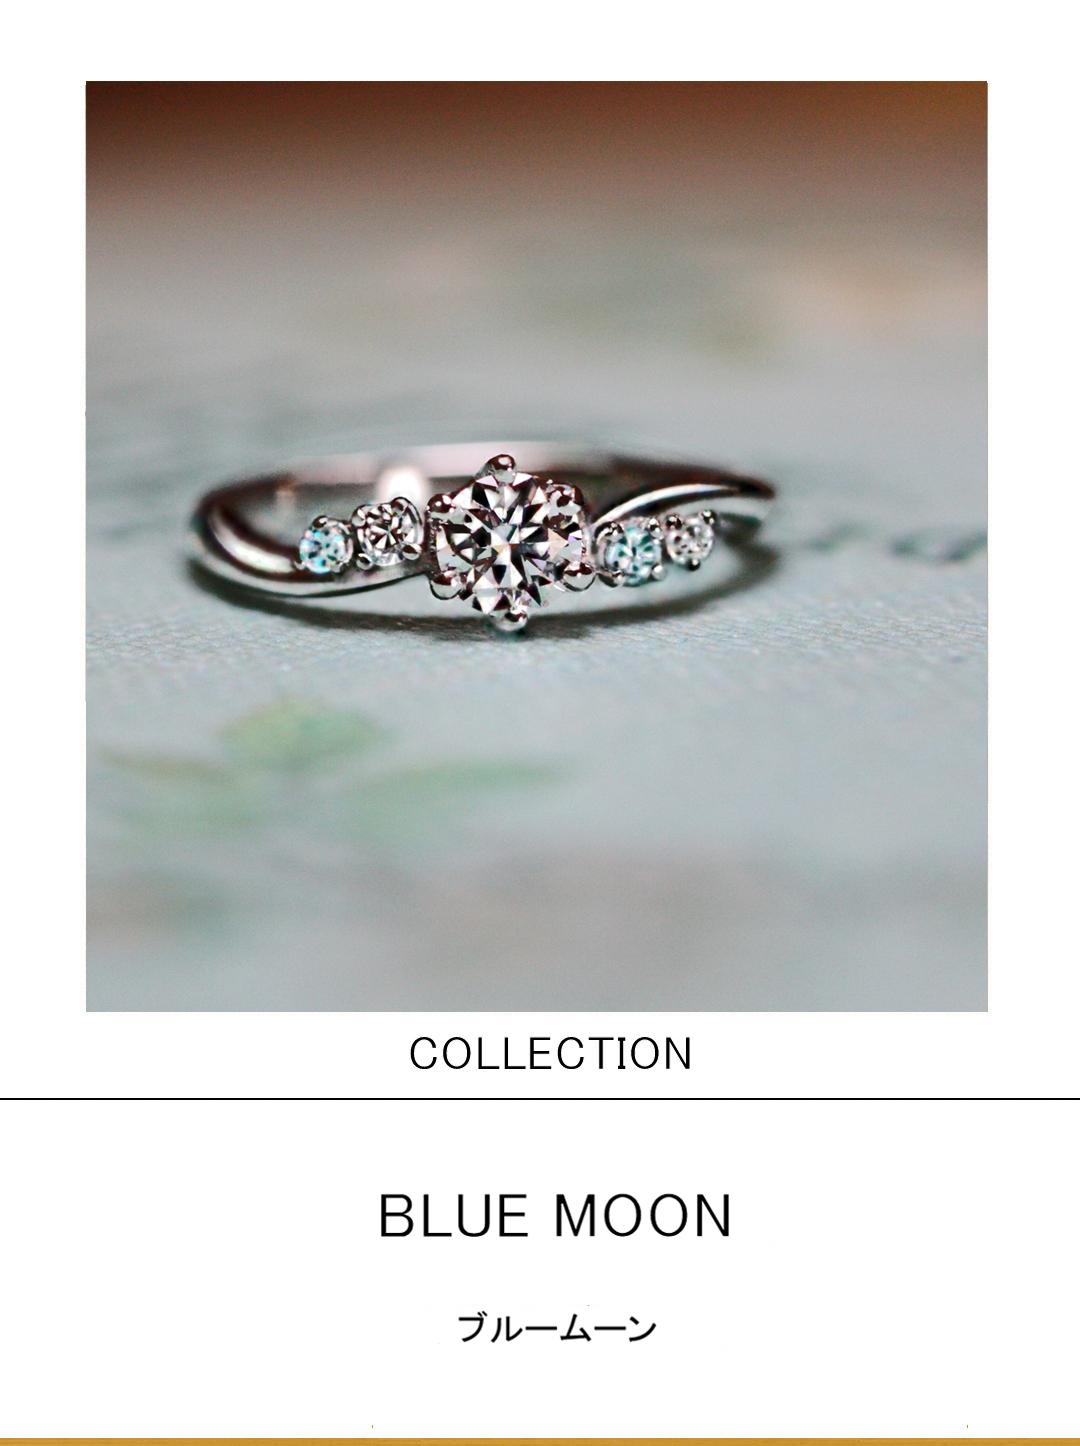 ブルーダイヤモンドがサイドに輝くウェーブラインの婚約指輪のサムネイル